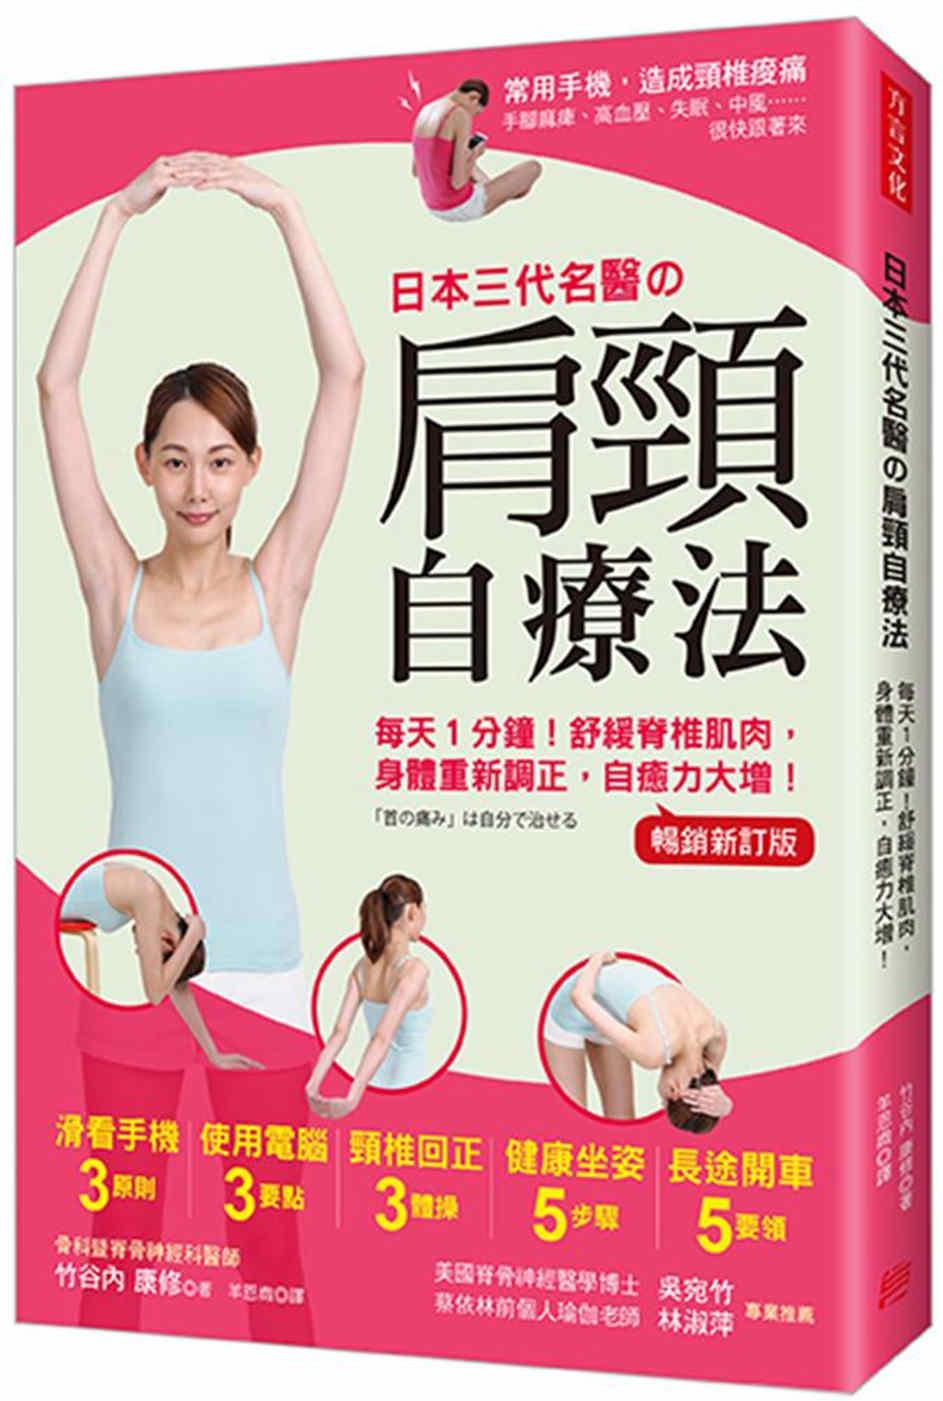 日本三代名醫の肩頸自療法:每天...